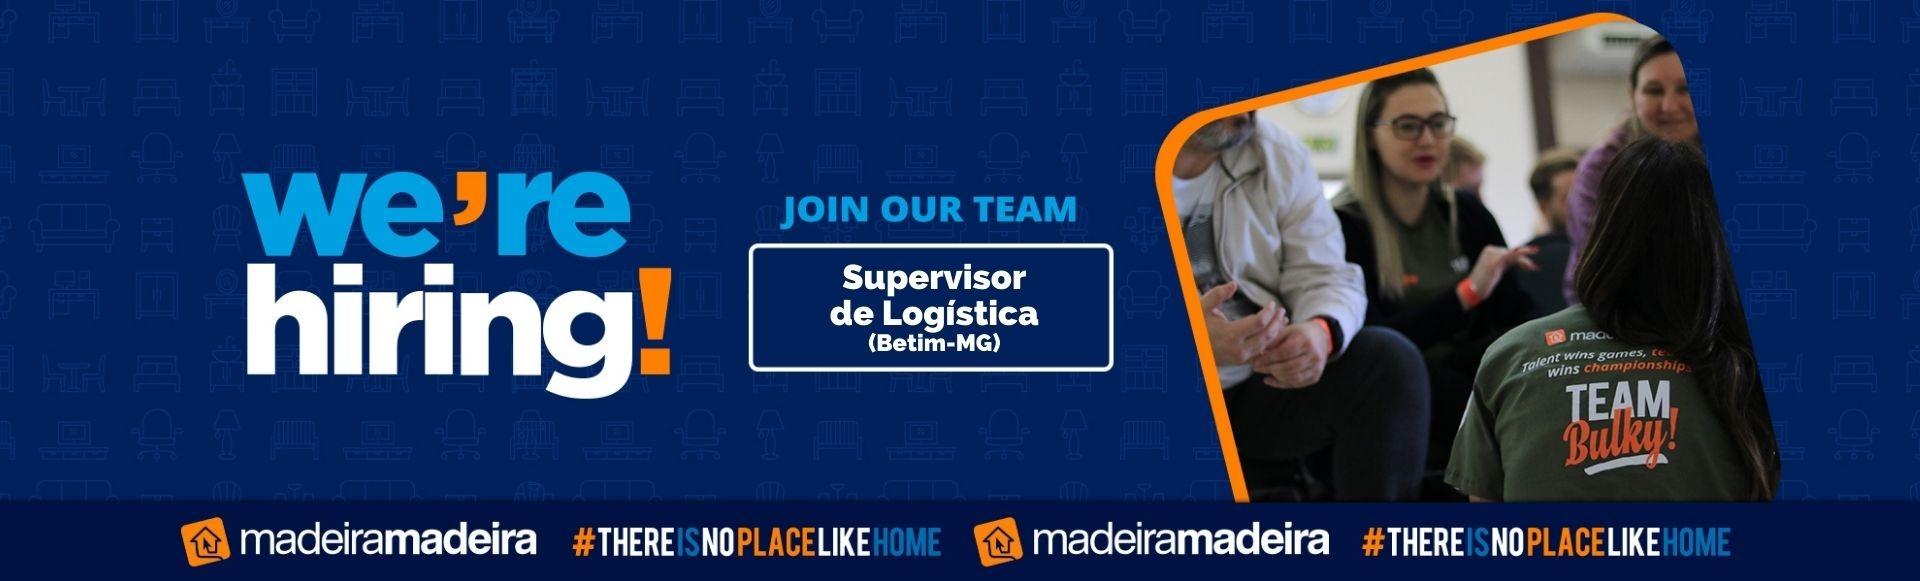 Supervisor de Logística (Betim-MG)